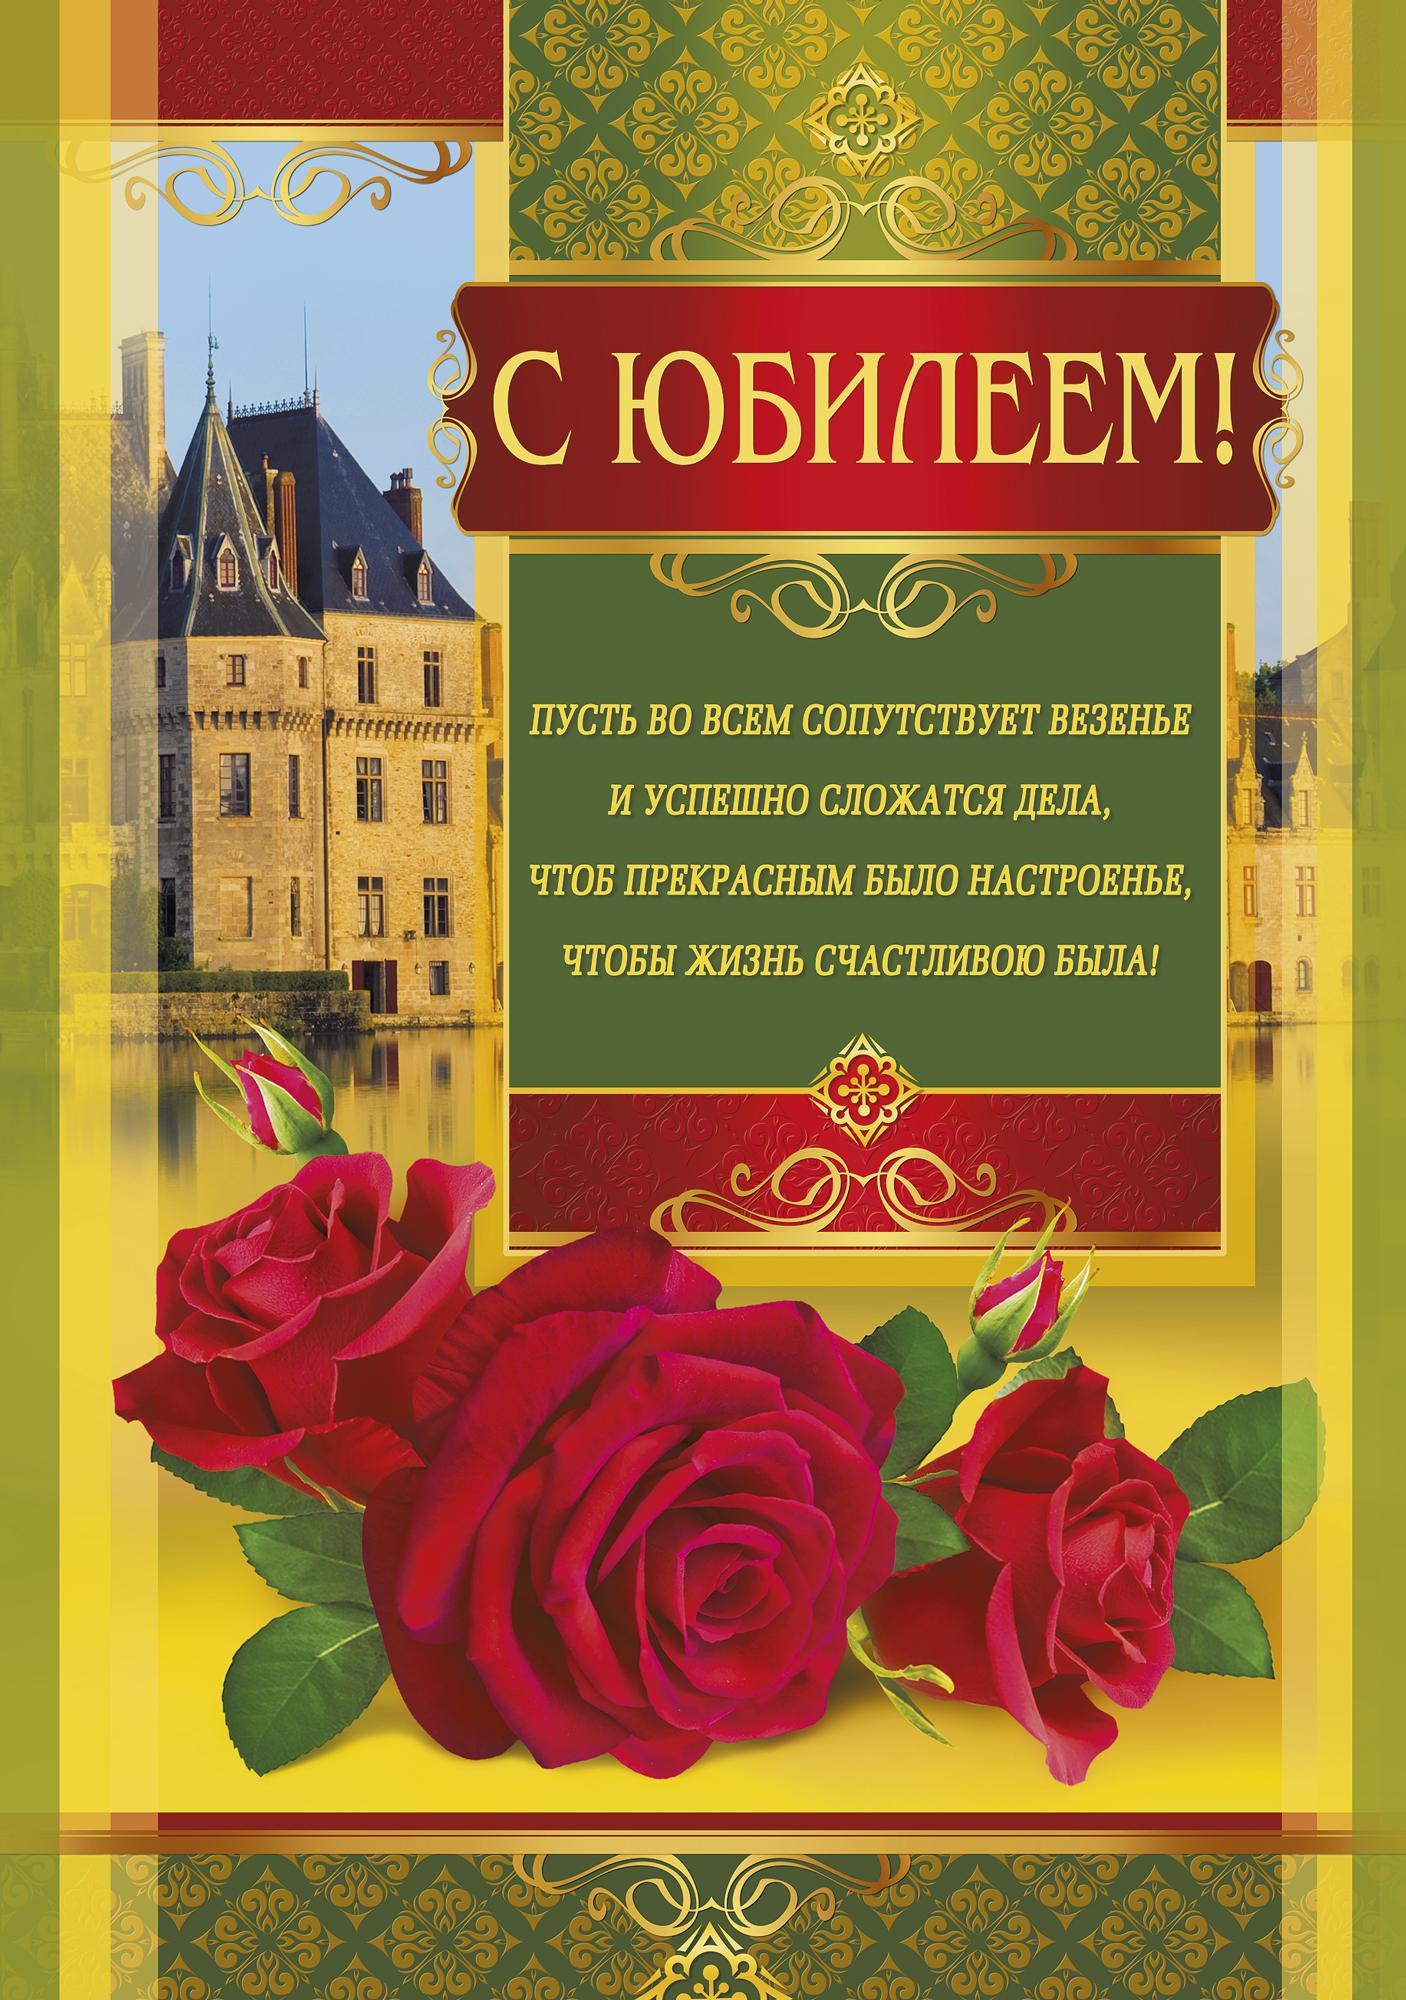 въезде с юбилеем поздравления постеры официальном